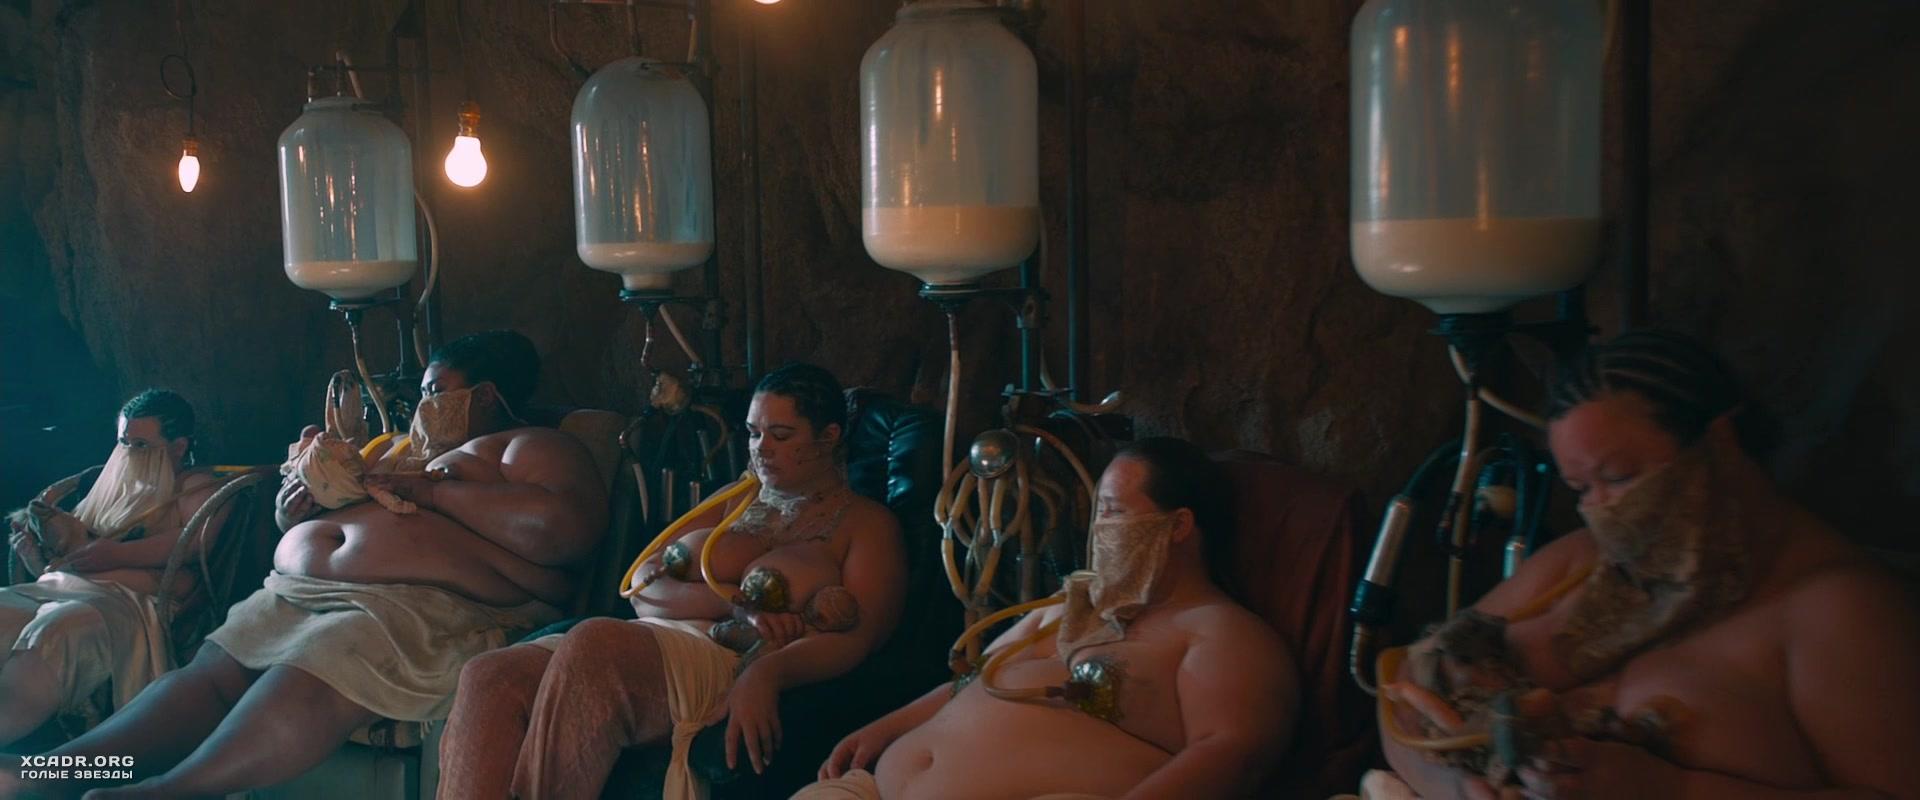 Фетиш грудное молоко 23 фотография